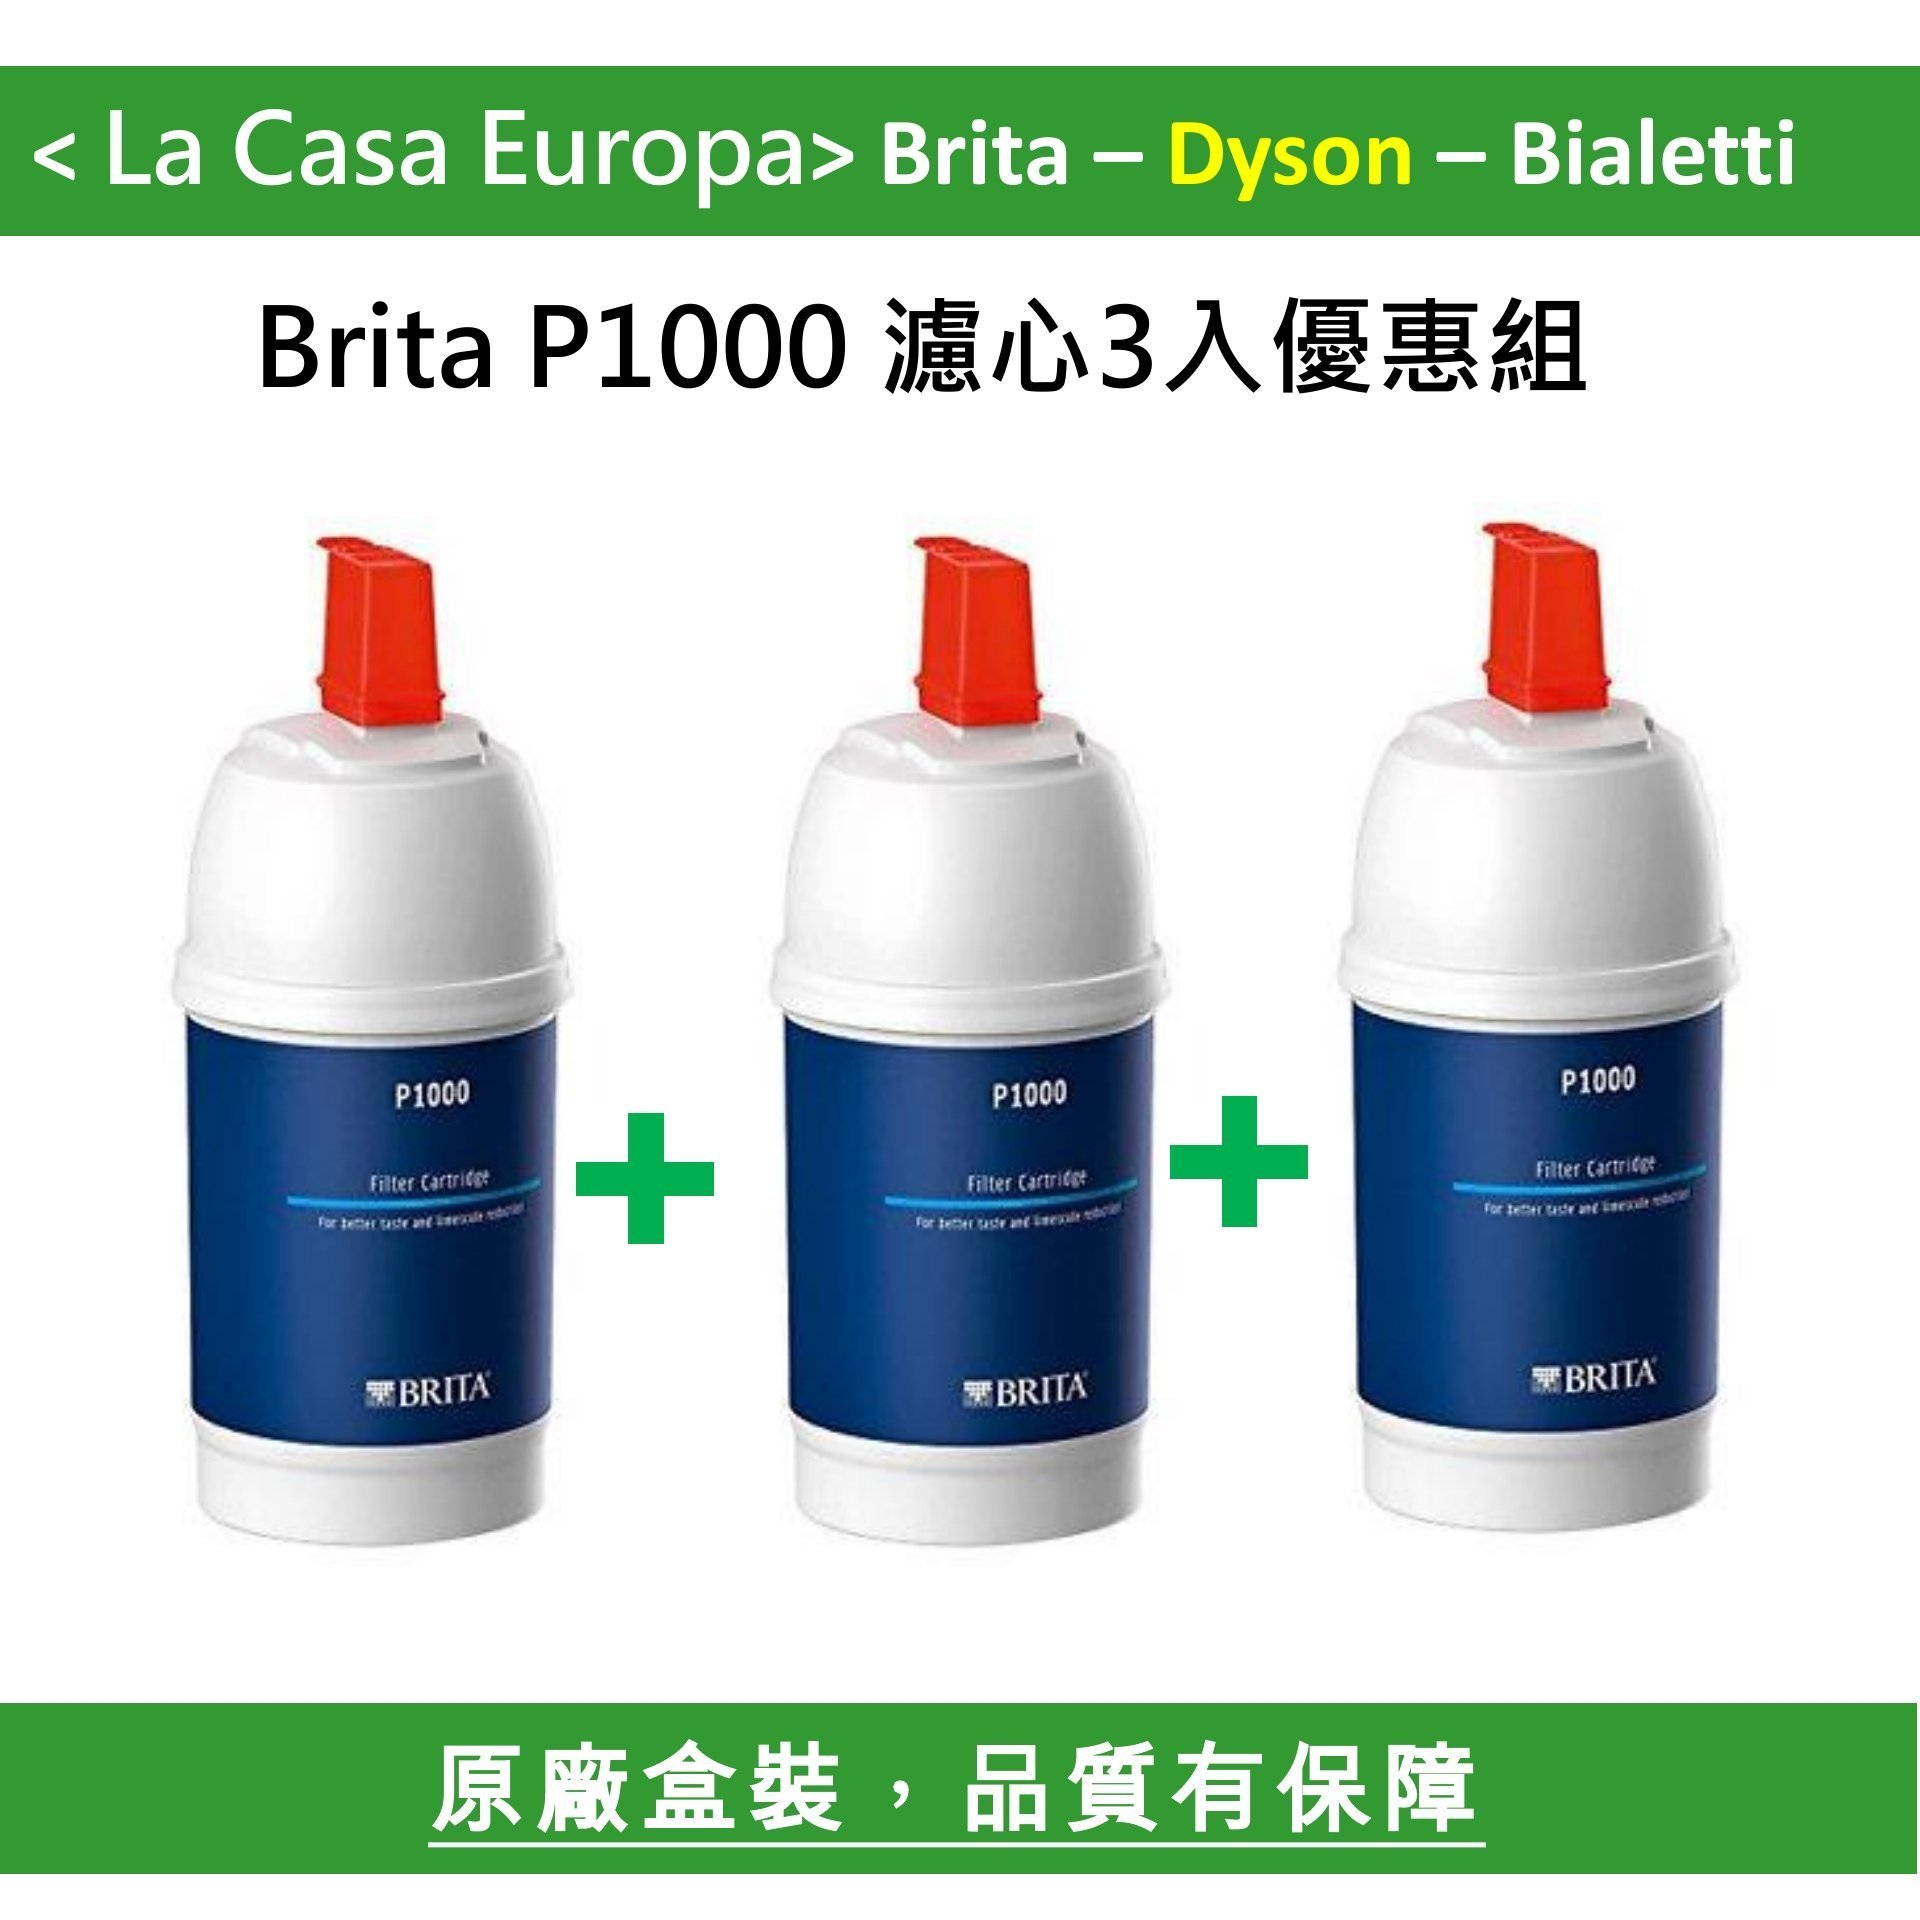 [My Brita] 3入P1000 On Line 硬水軟化櫥下型濾芯。 新包裝。2018.12月 。免 。